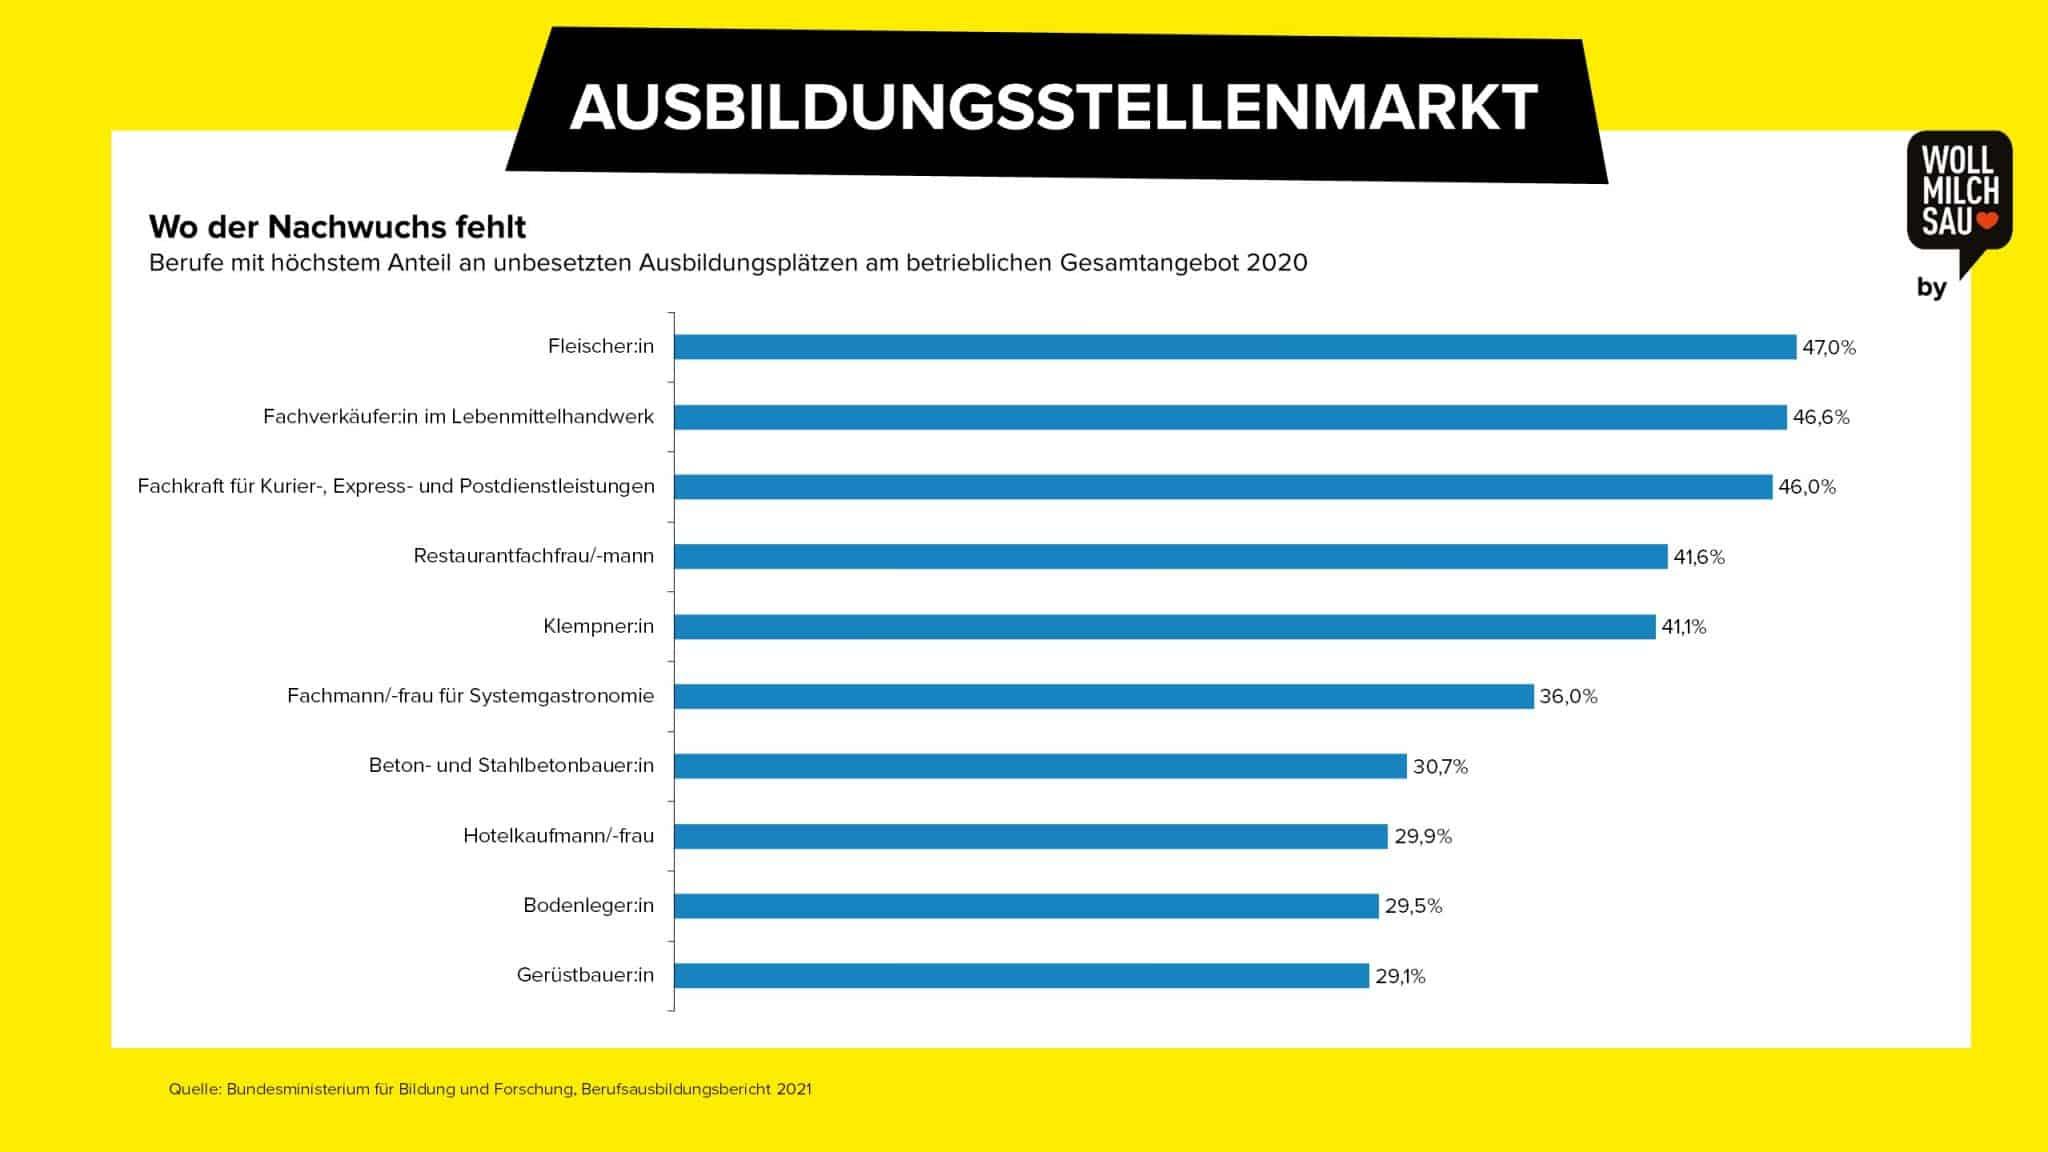 Wollmilchsau Arbeitsmarkt Deutschland Ausbildungsstellen